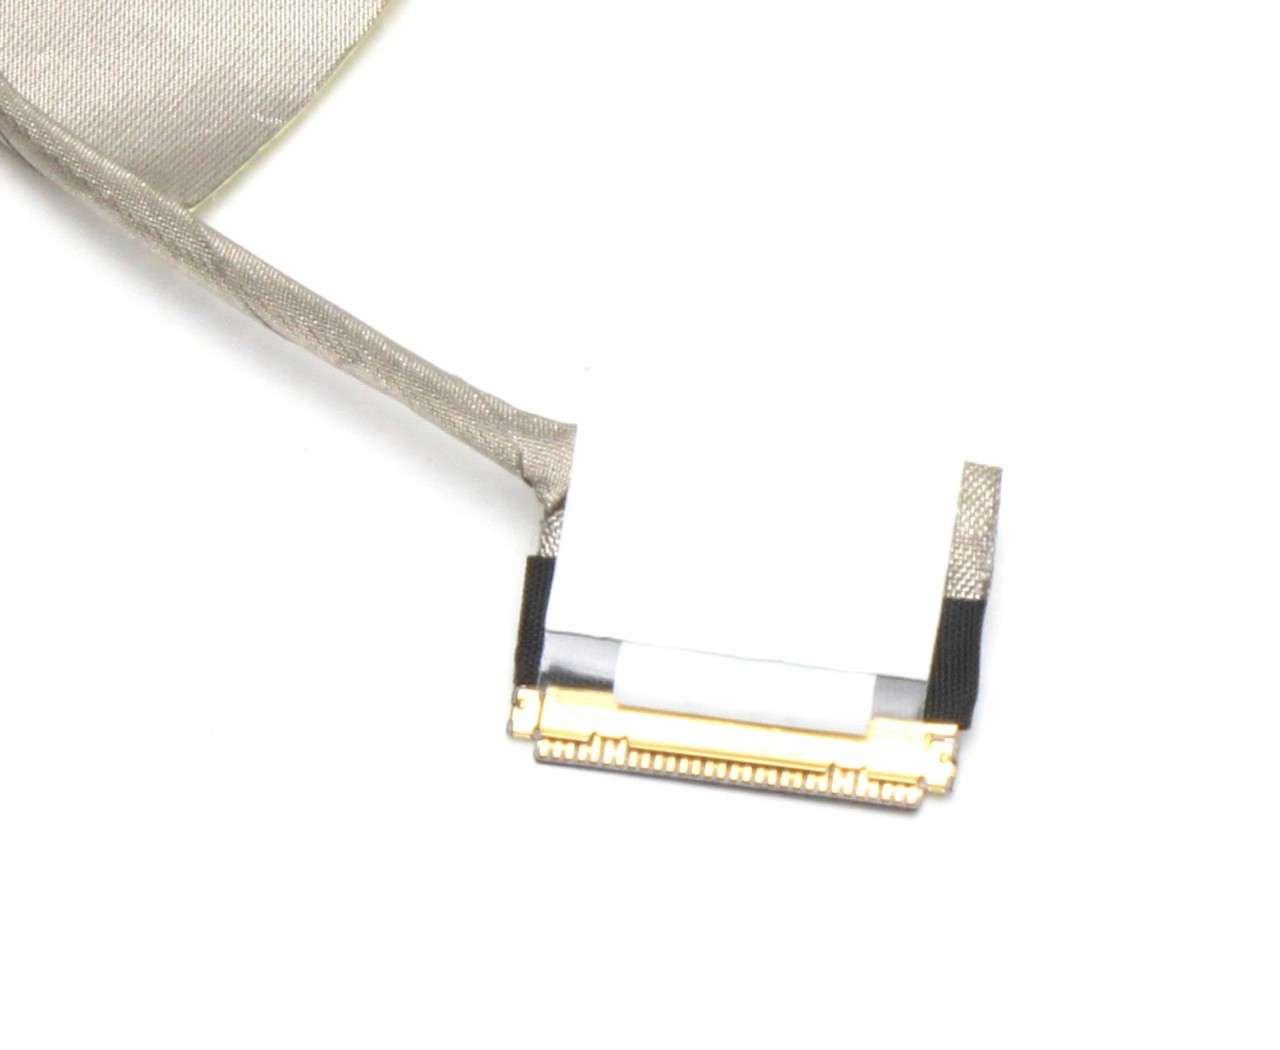 Cablu video eDP Asus N550JK imagine powerlaptop.ro 2021